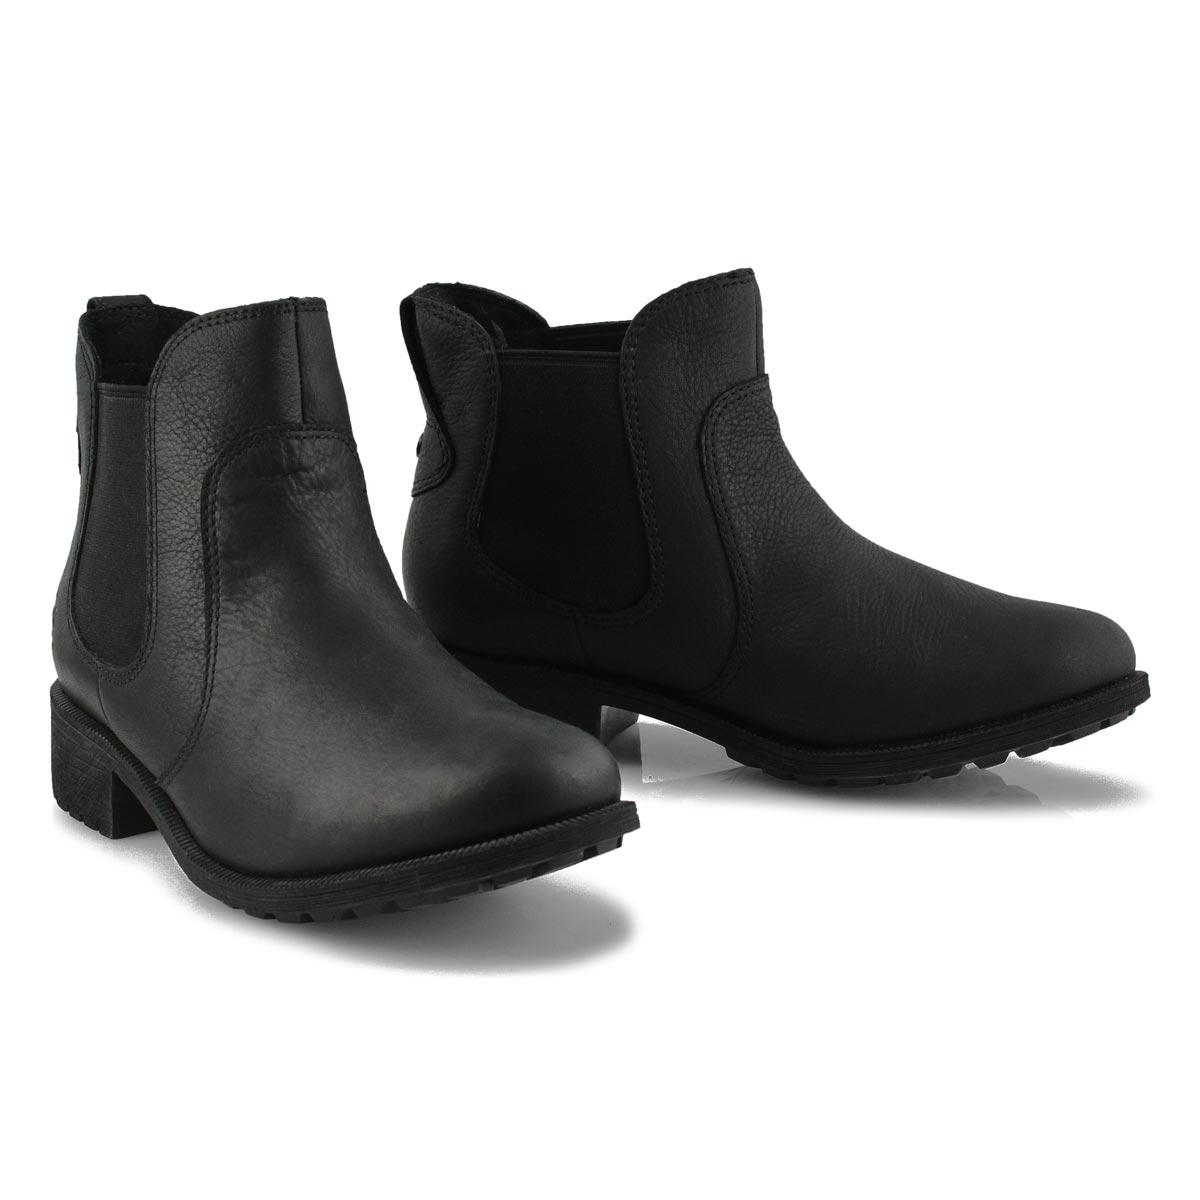 Women's Bonham III Waterproof Chelsea Boot - Black